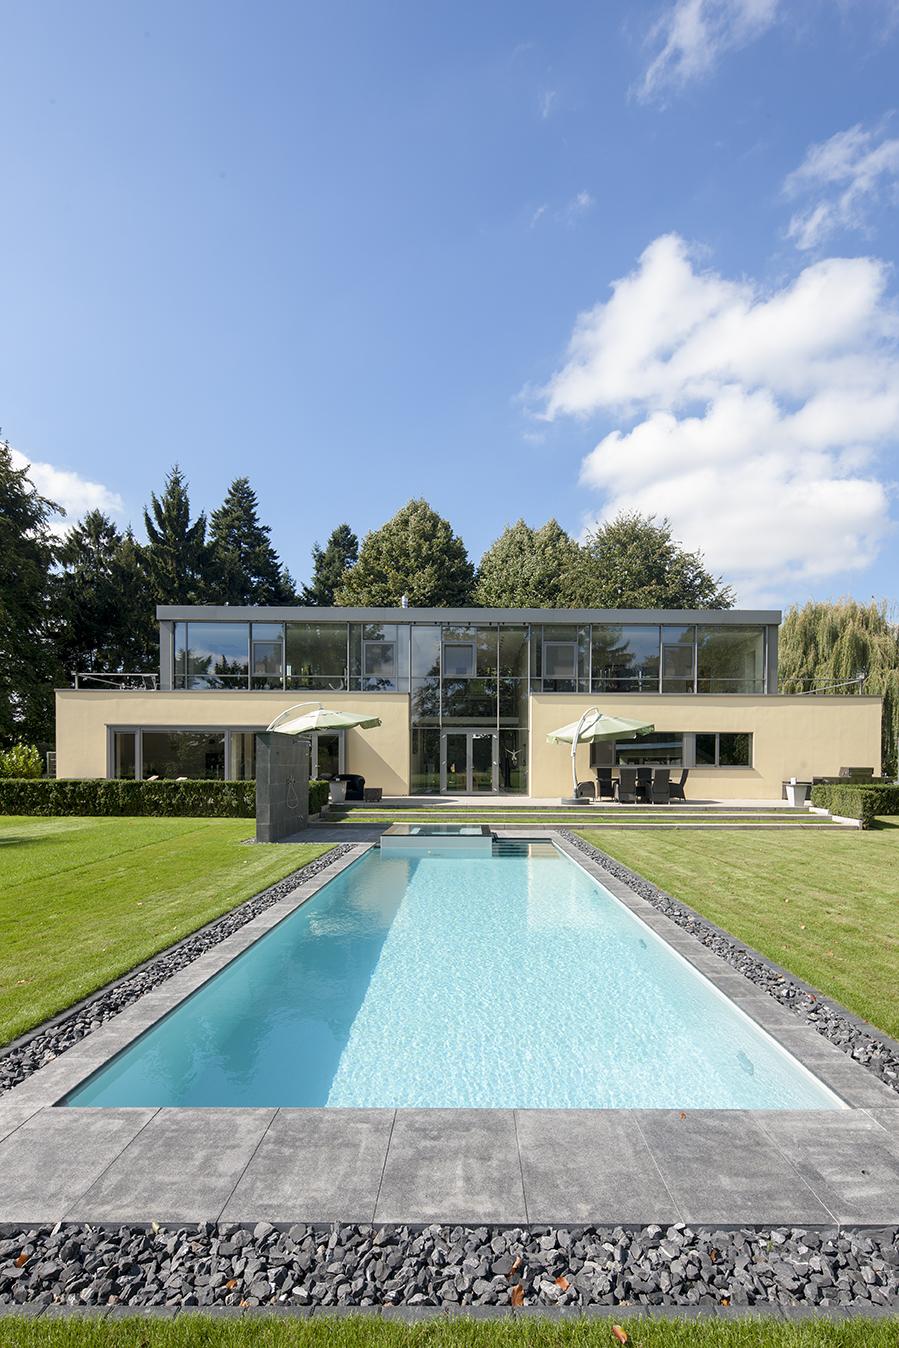 Pool im Garten einer Villa in Mühlheim